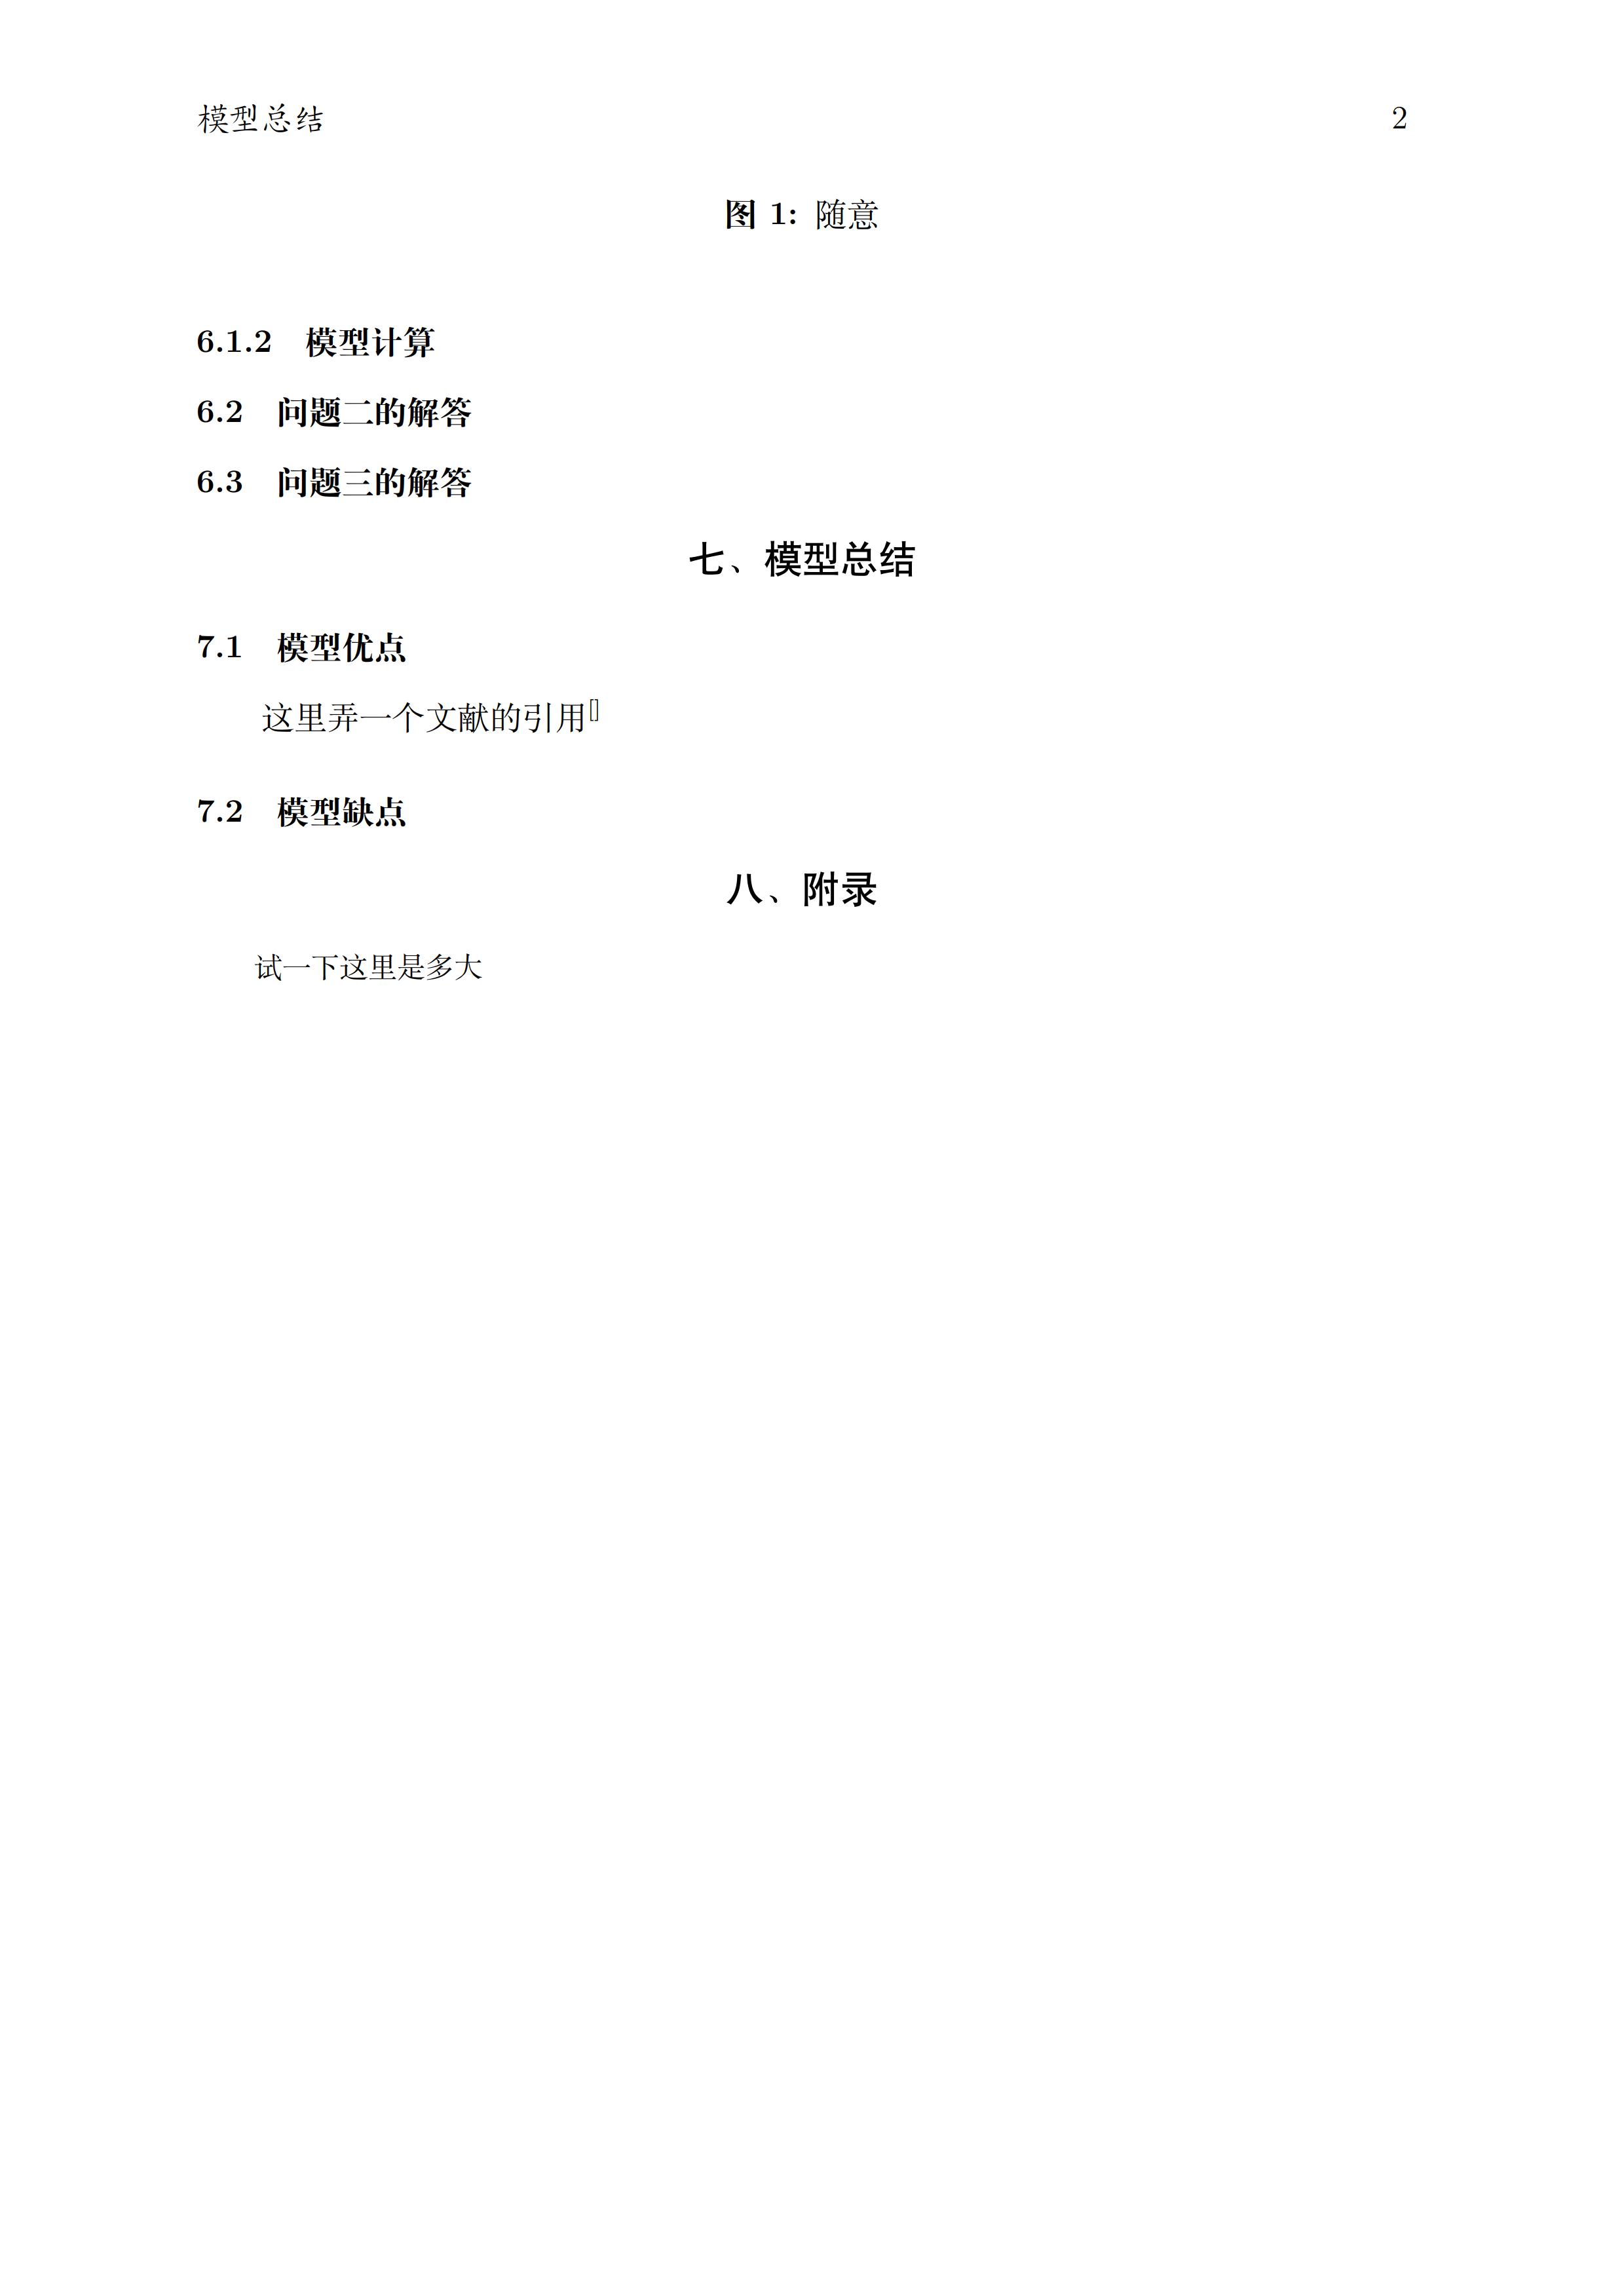 深圳杯自编tex模板